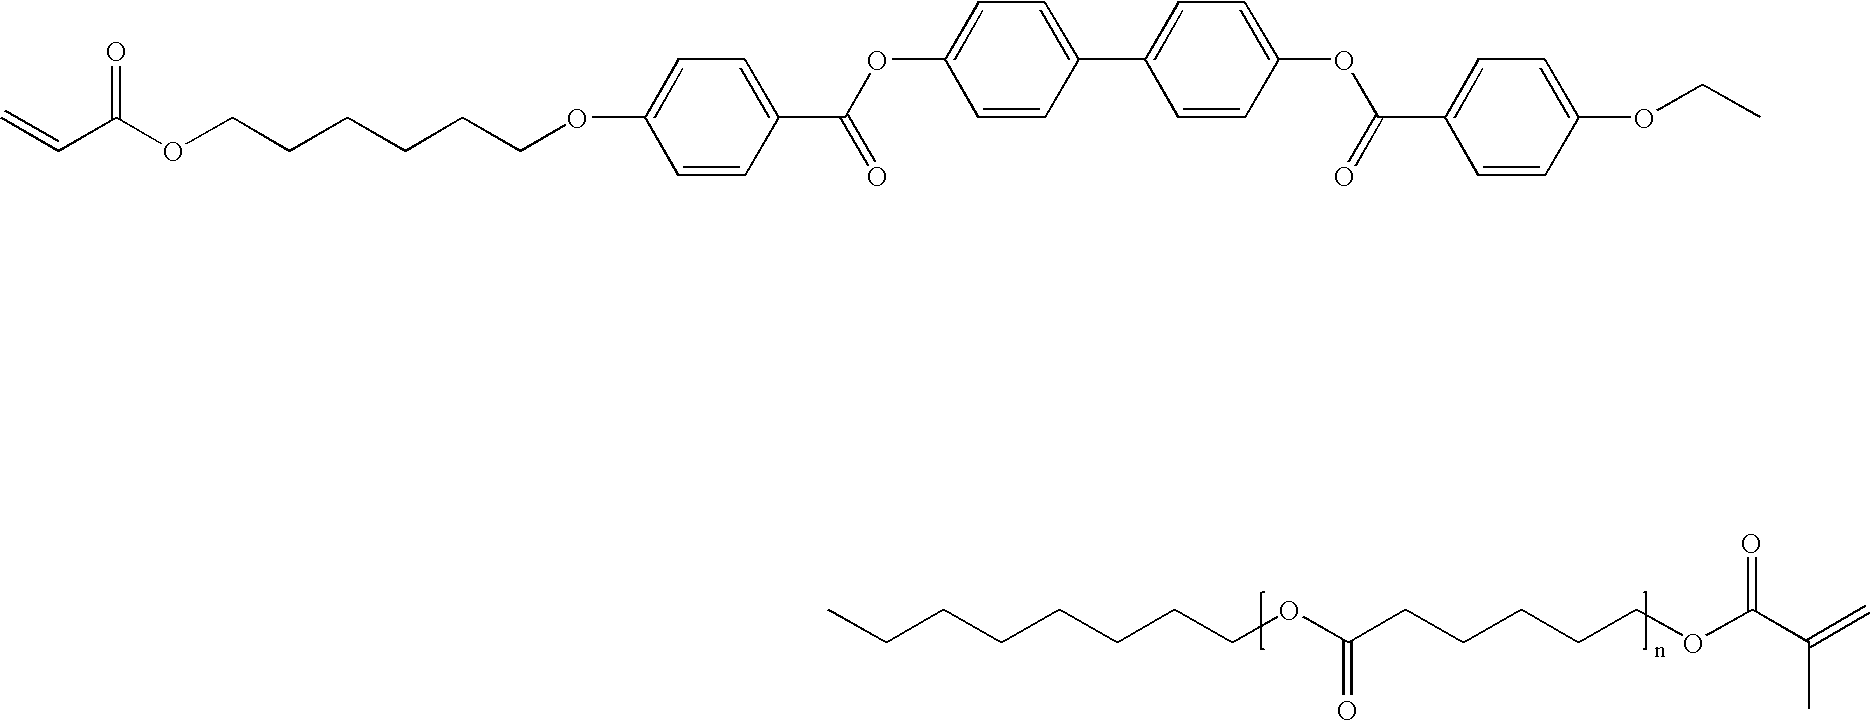 Figure US20100014010A1-20100121-C00089